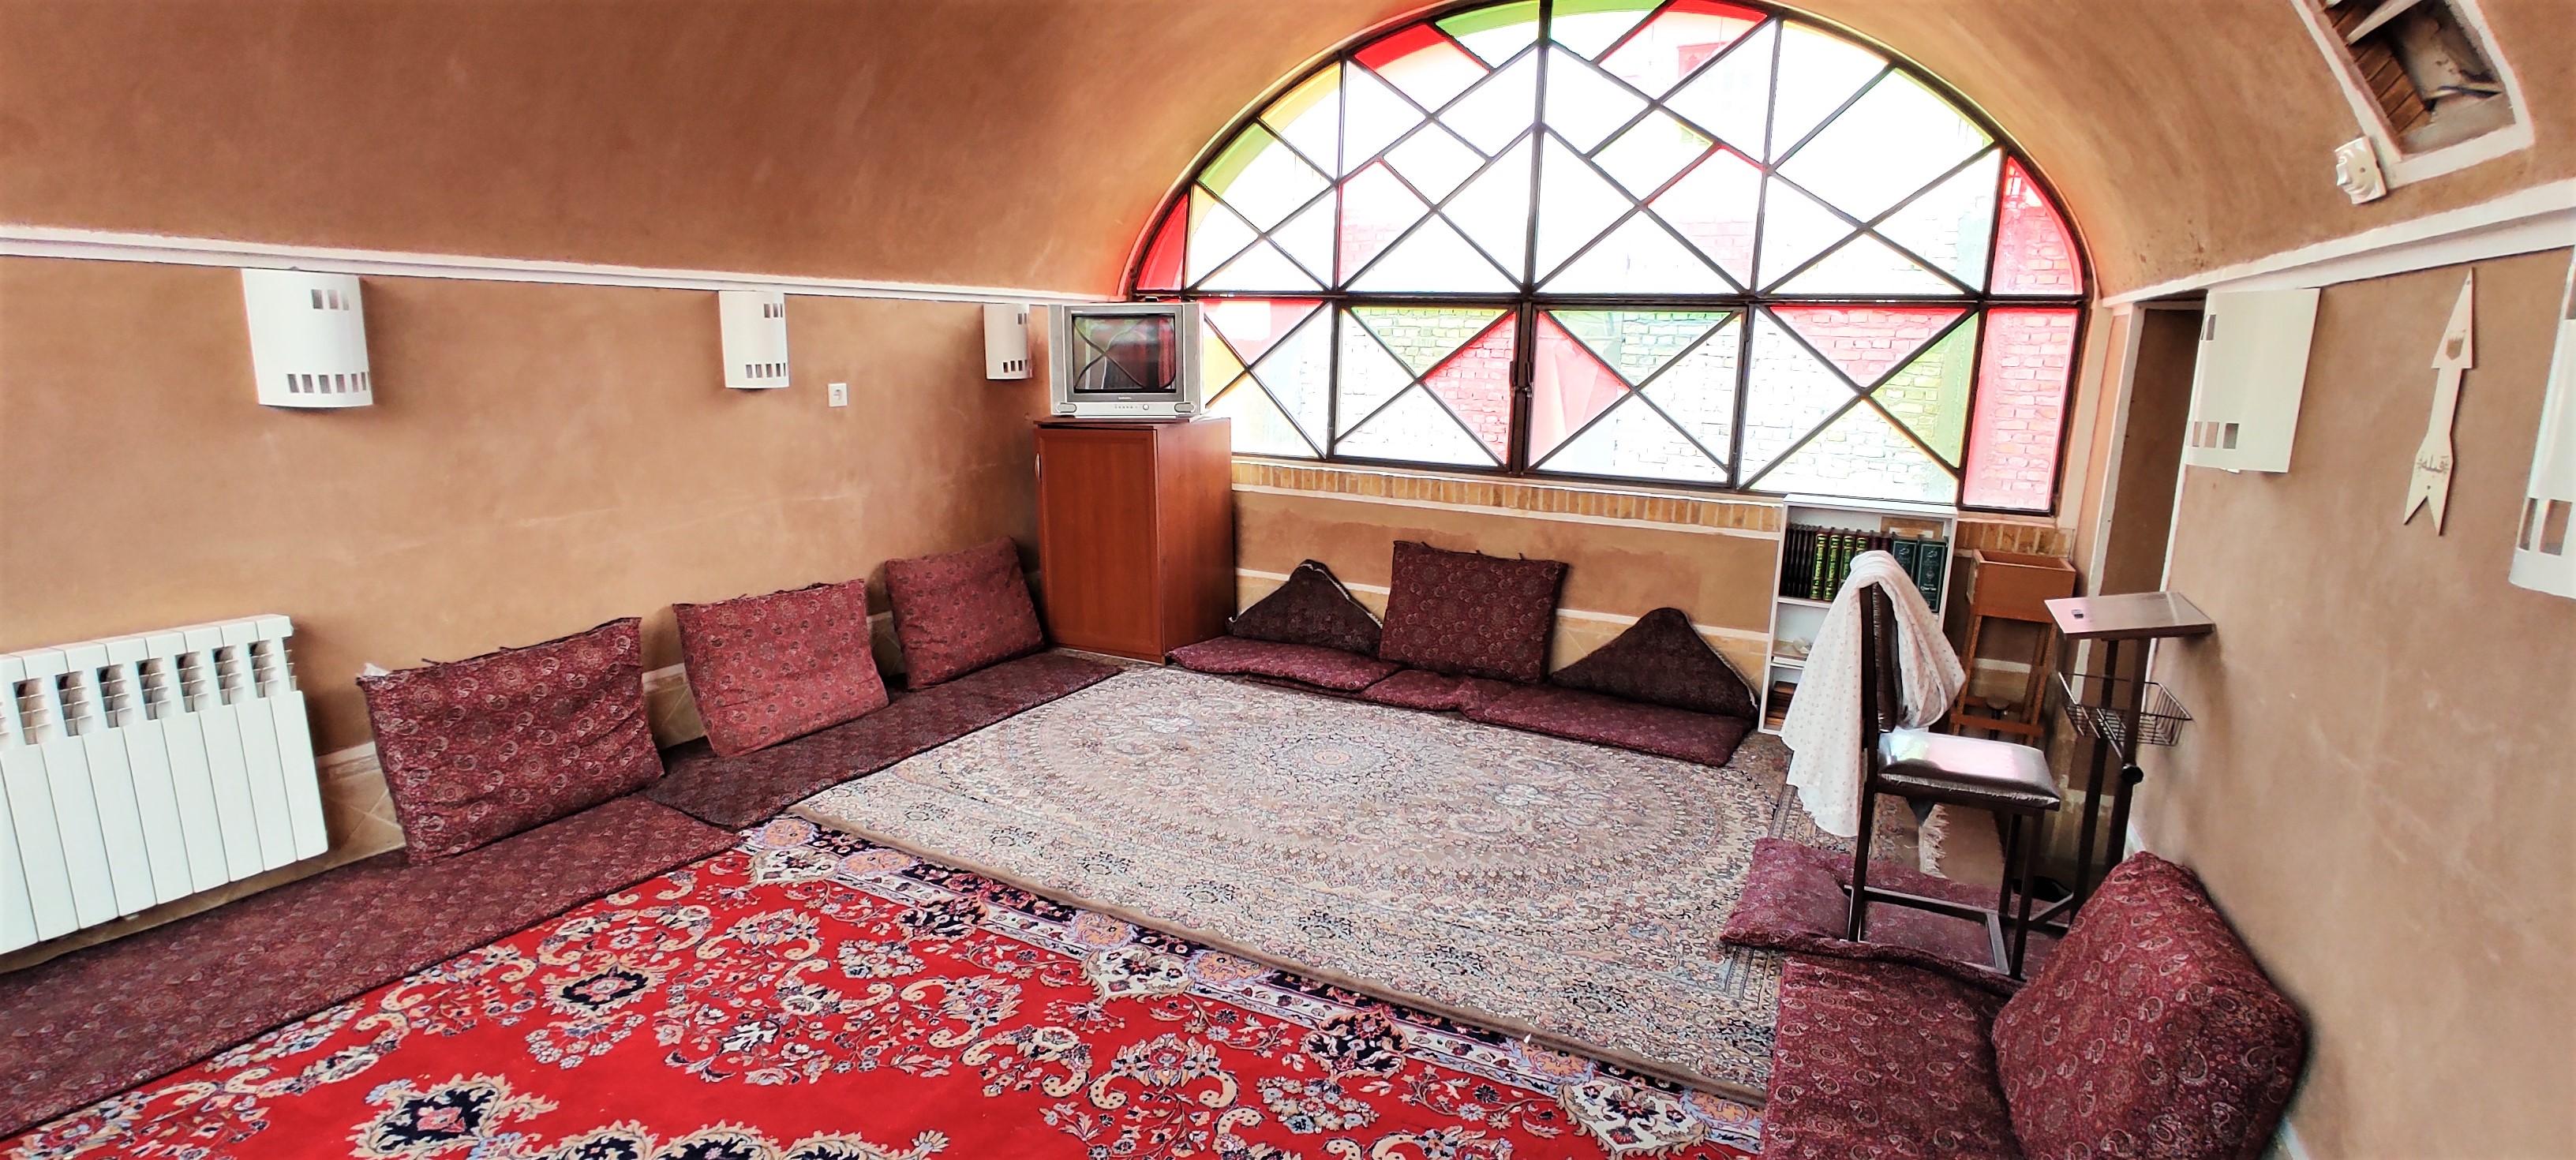 شهری کاروانسرا سنتی در مصلی یزد - 107